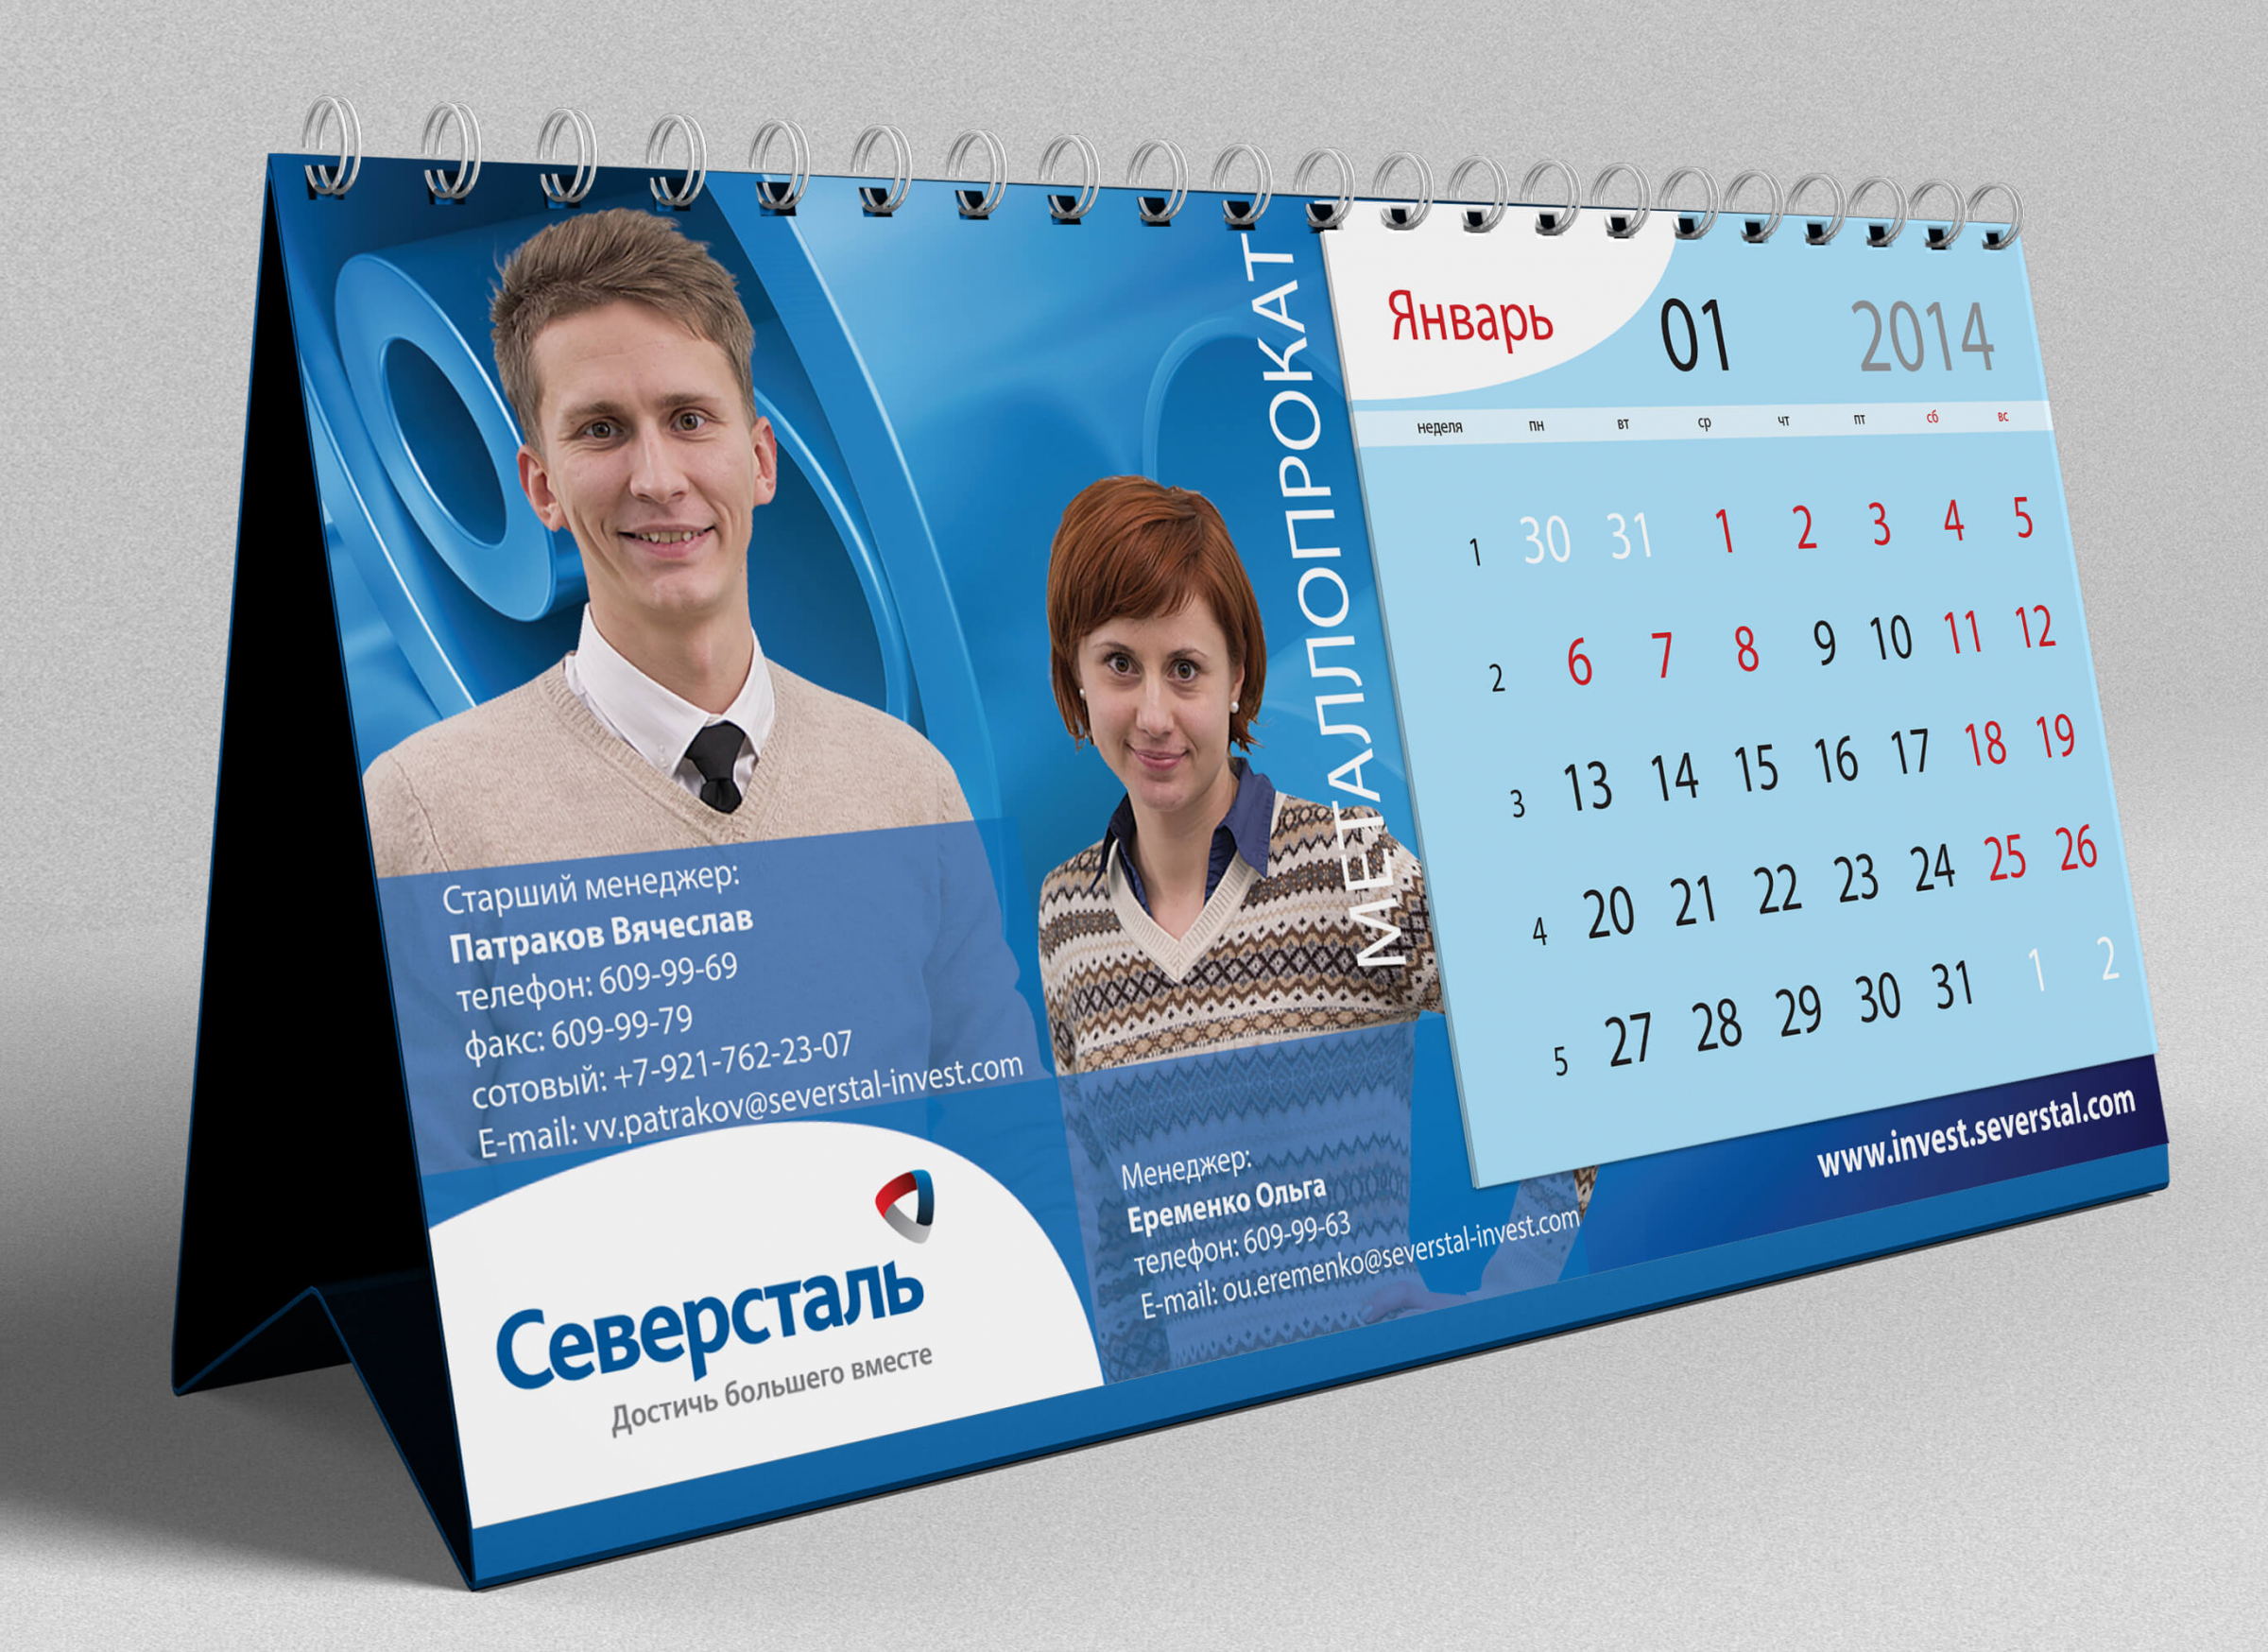 фото рекламные календари фото можете видеть сохраненные